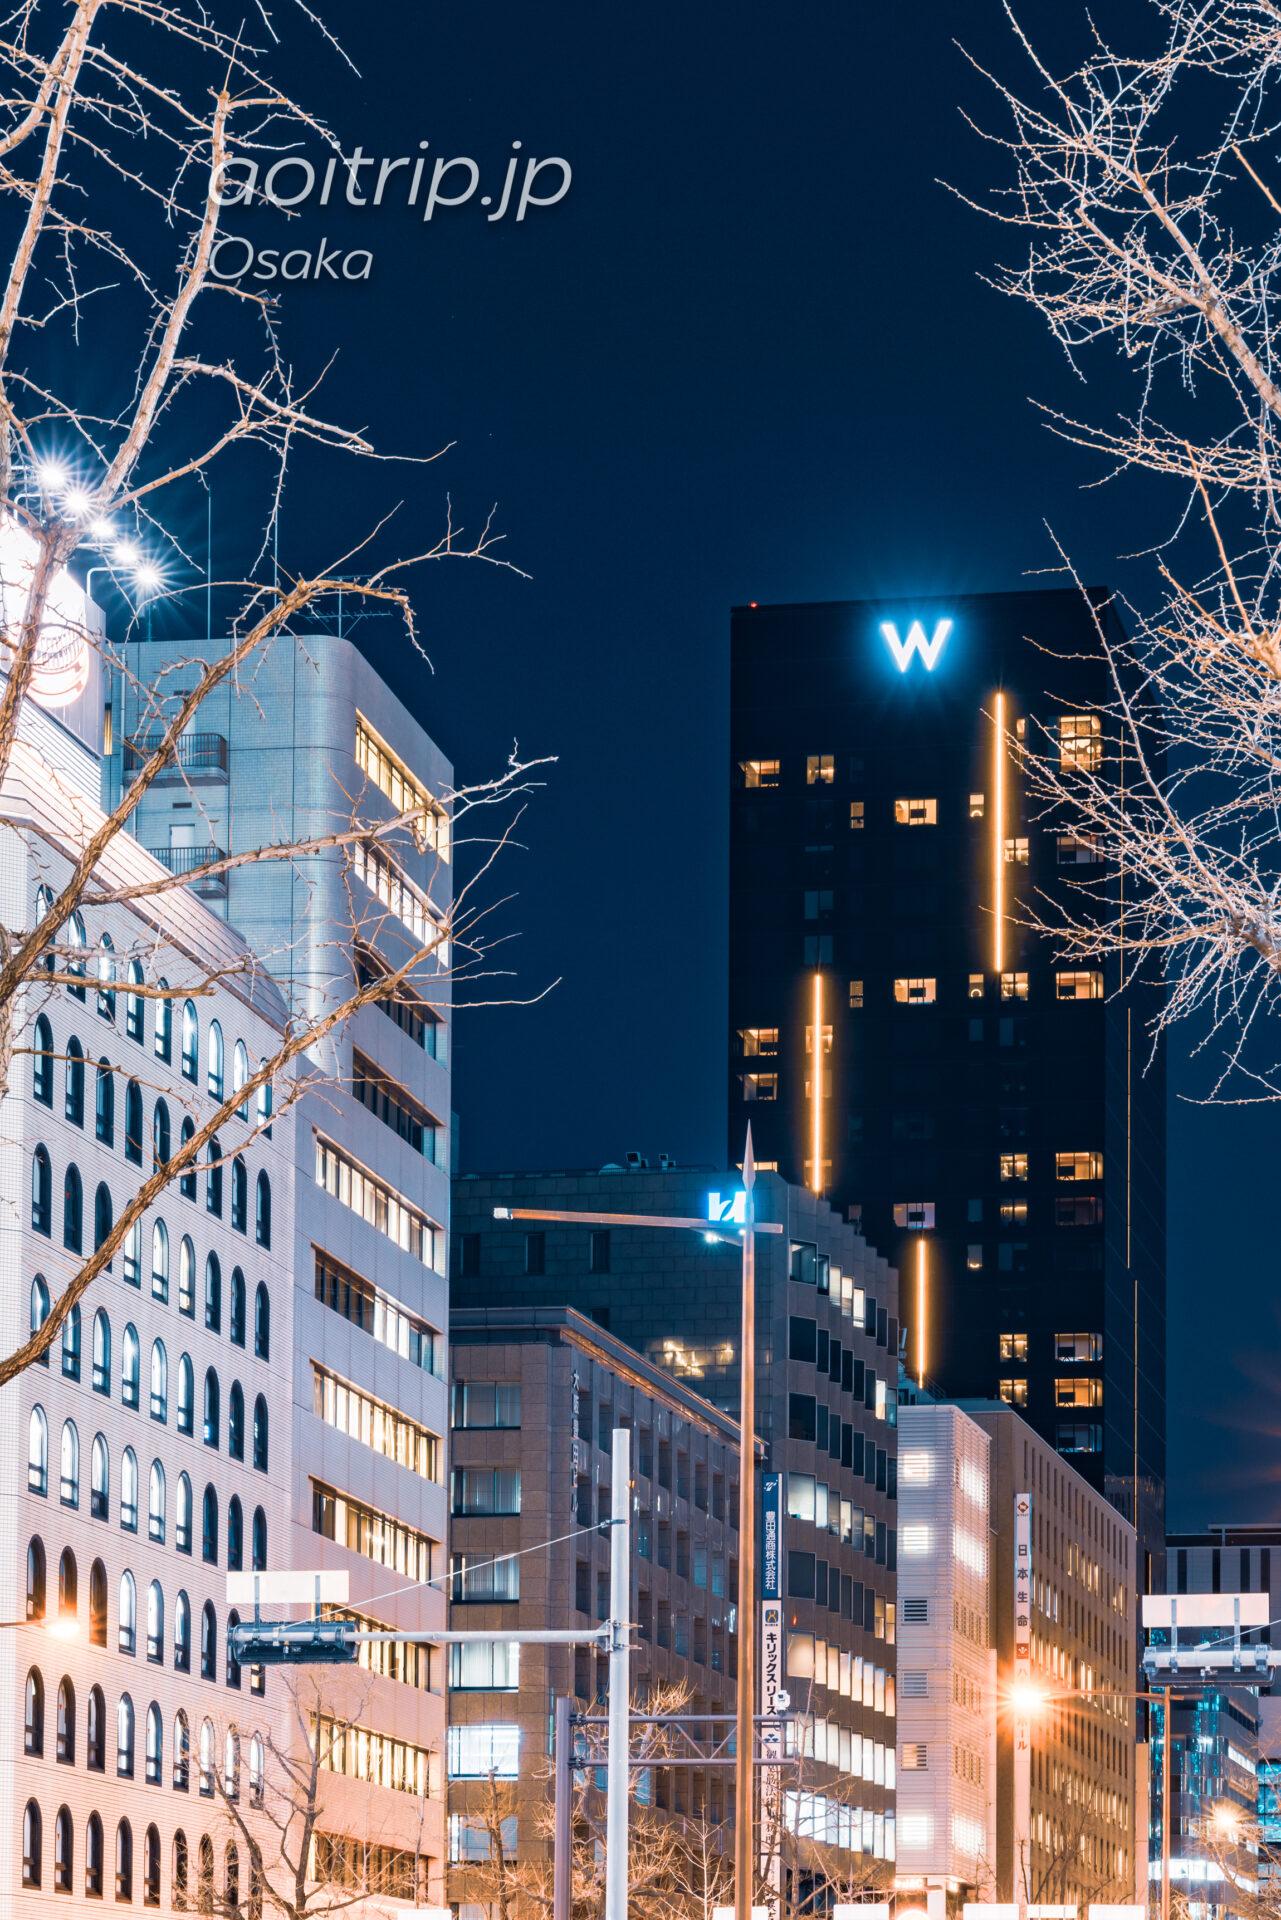 Wホテル大阪の外観と御堂筋